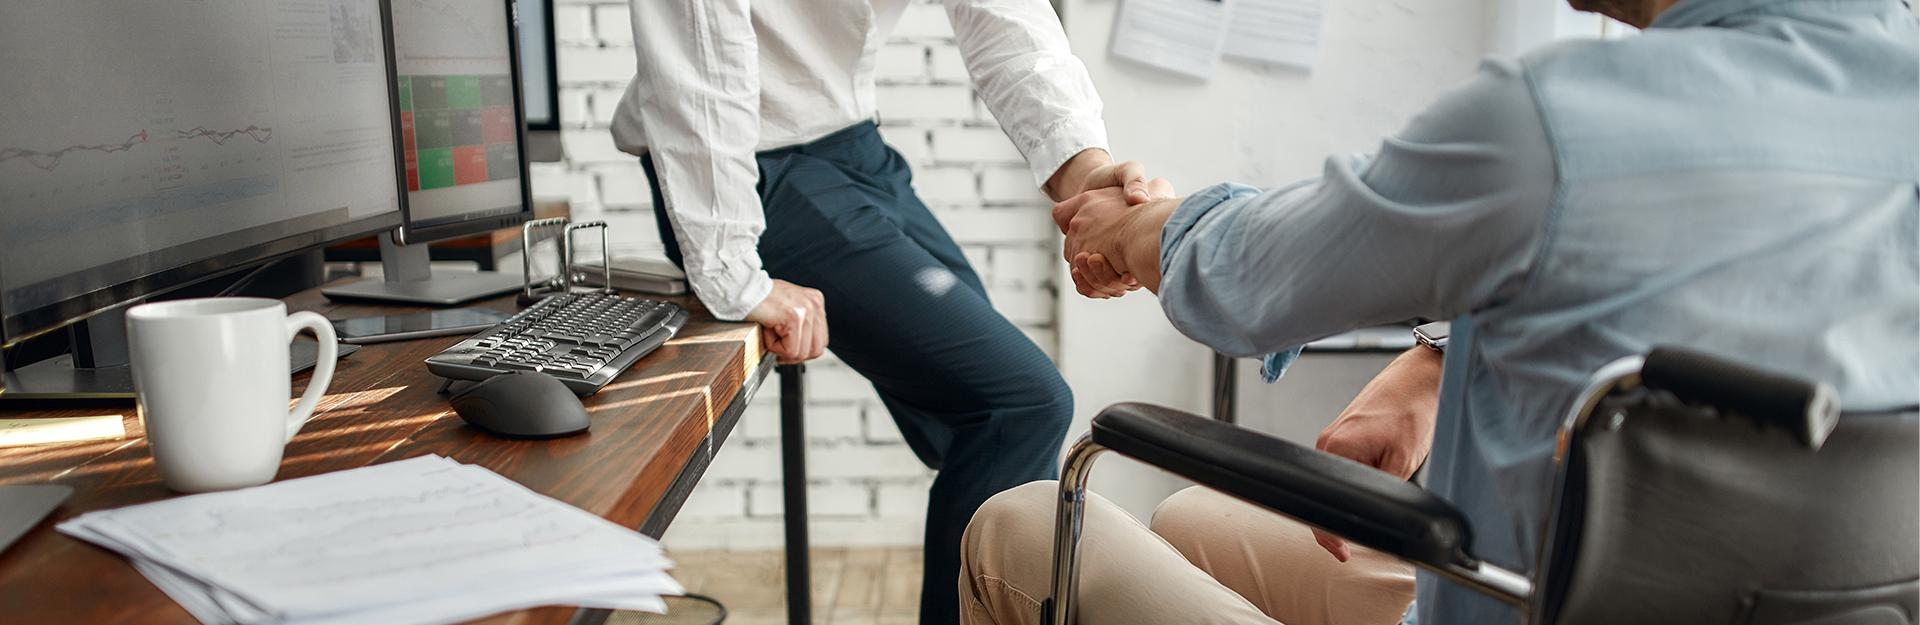 Un hombre en silla de ruedas le estrecha la mano a un compañero de trabajo.